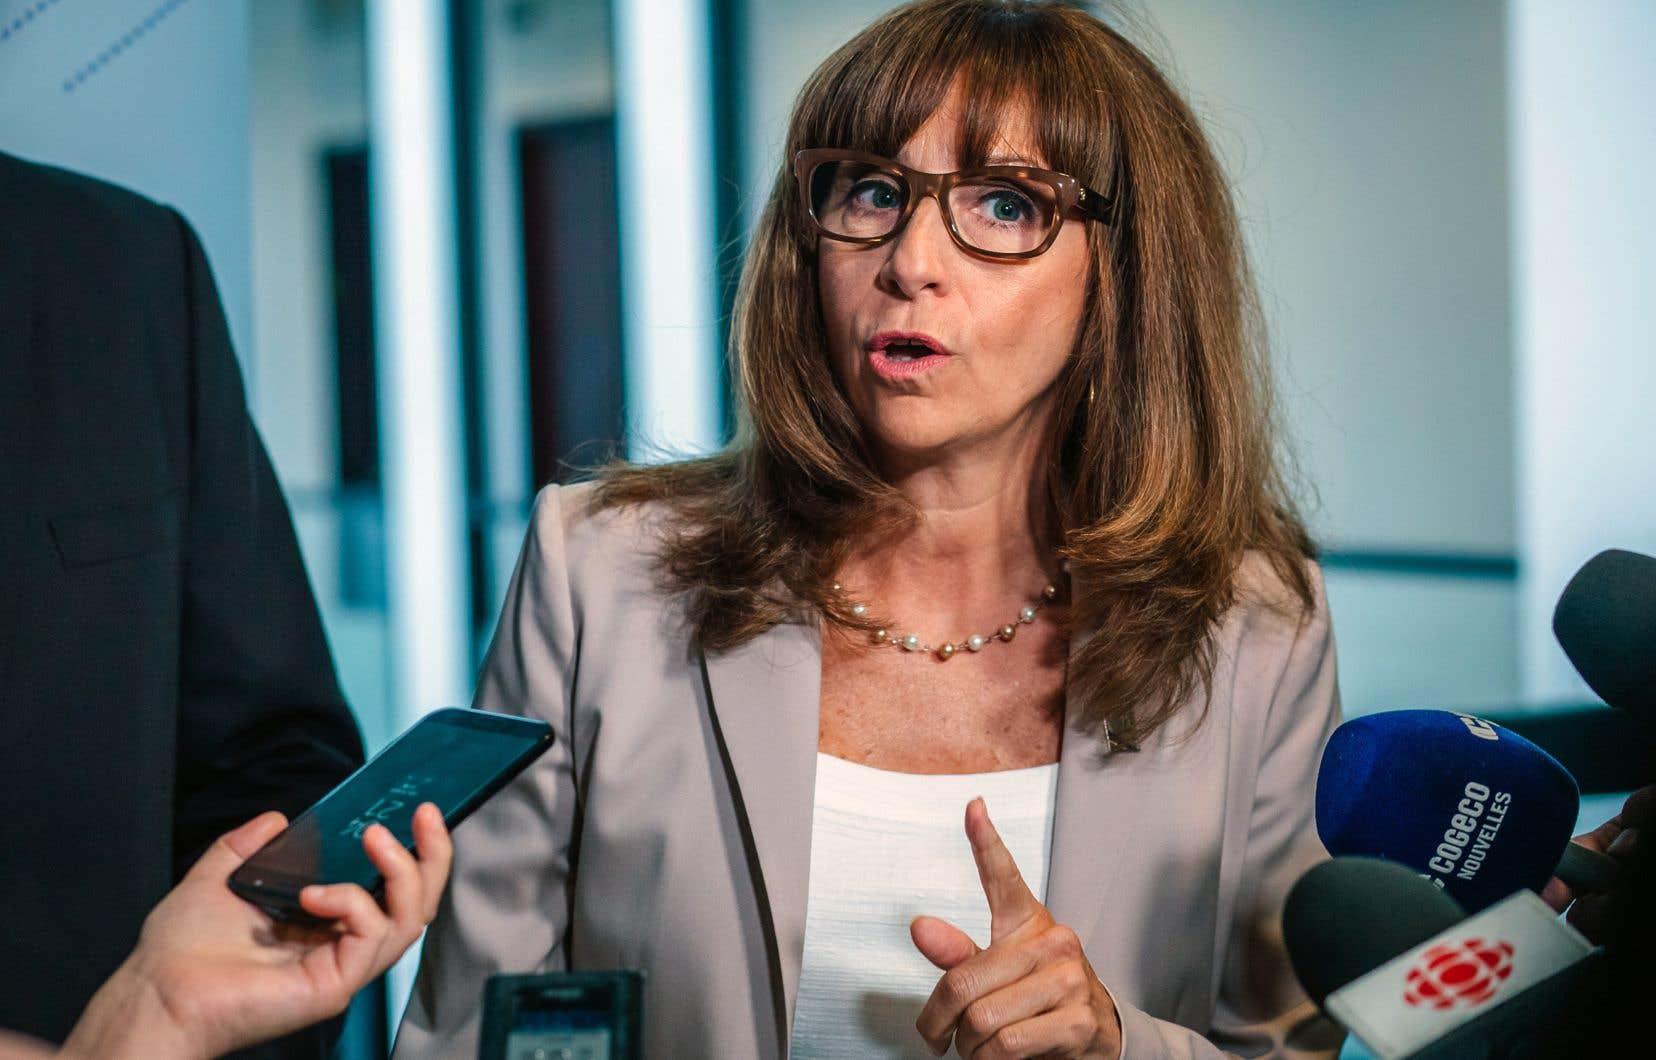 Jeudi, Nathalie Roy, la ministre de la Culture, a été incapable de dire si les mesures annoncées auraient pu éviter la destruction de plusieurs maisons patrimoniales déjà répertoriées.